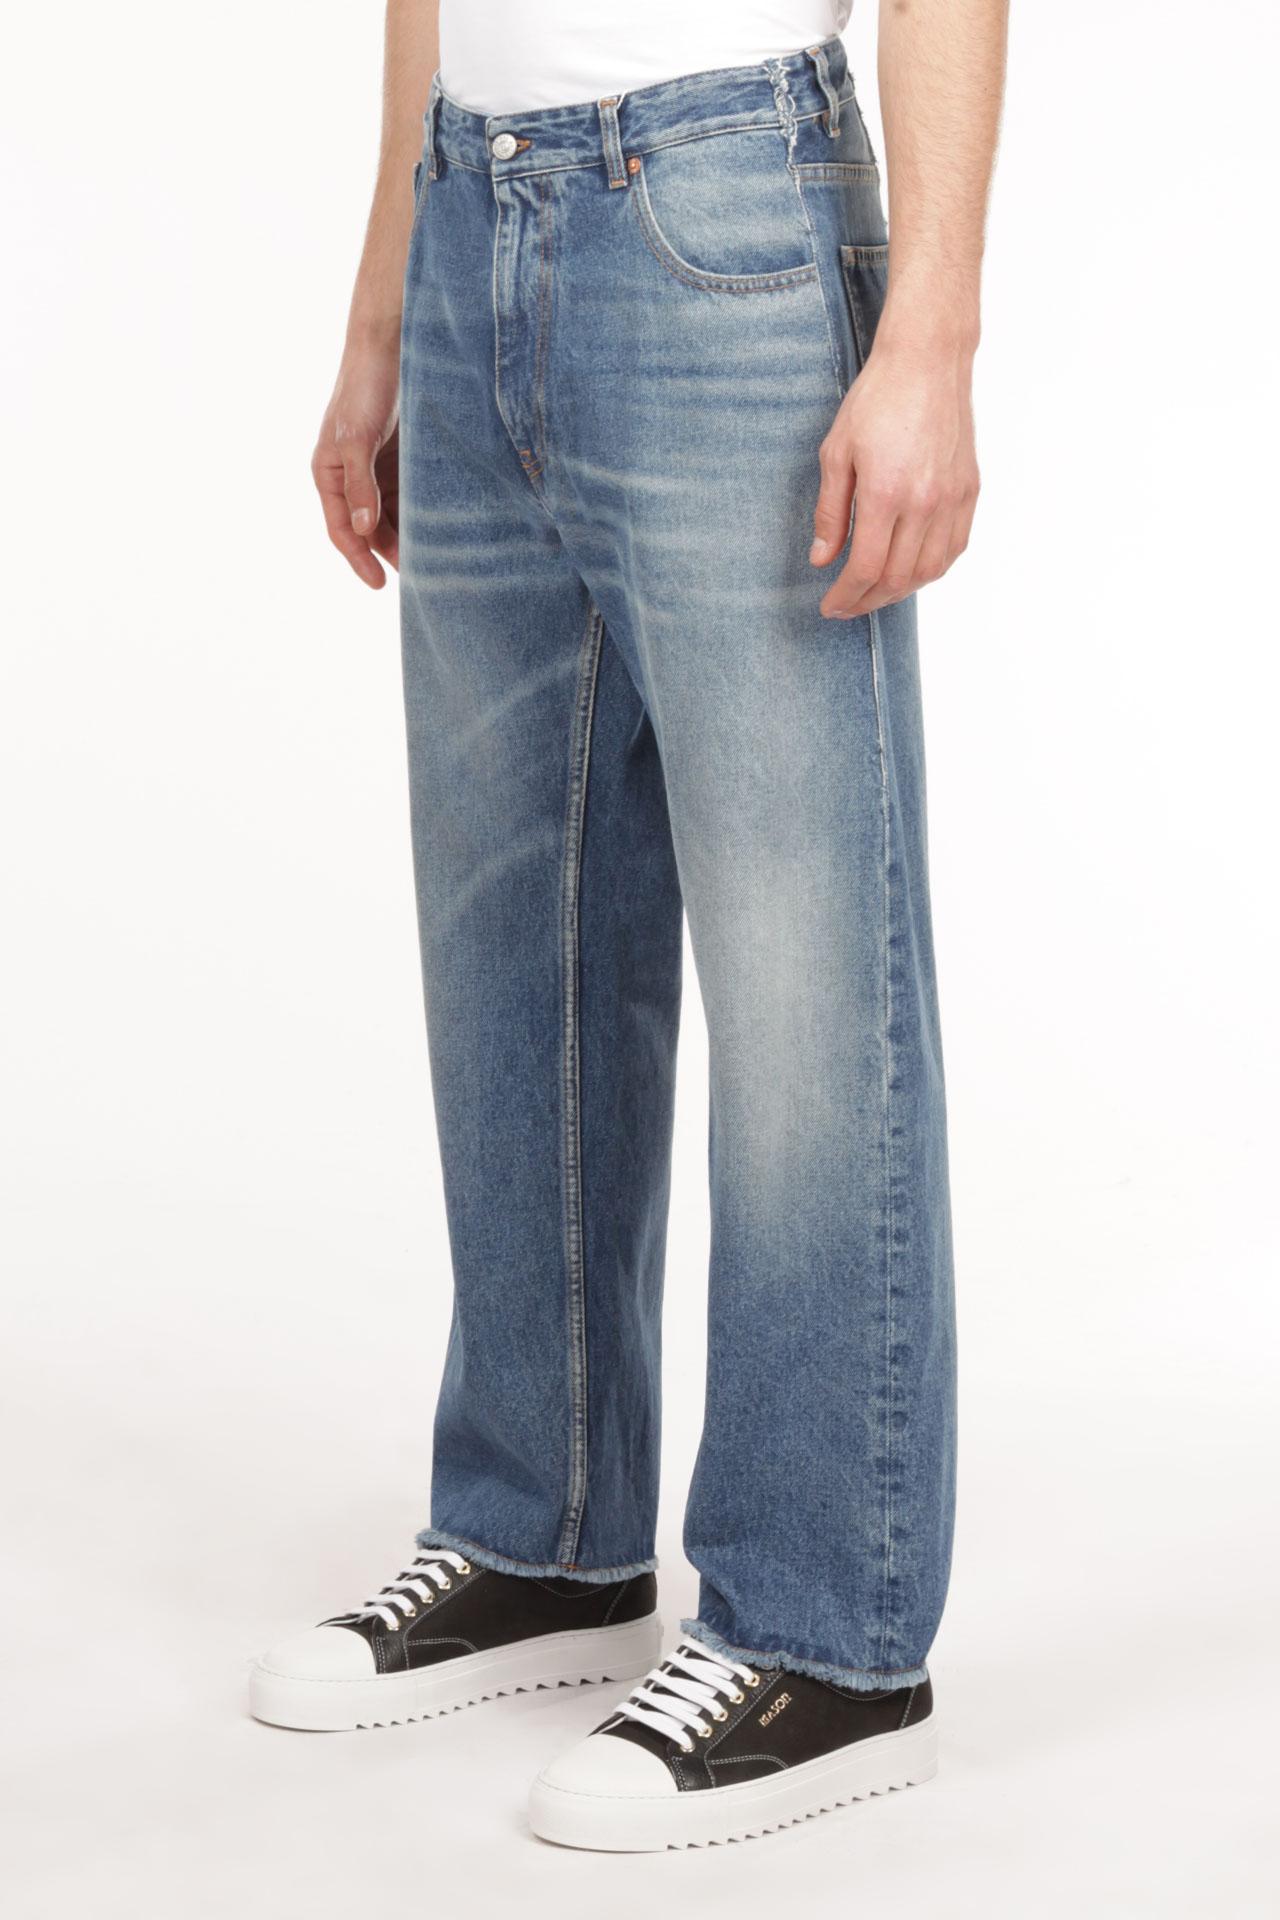 Jeans MM6 MAISON MARGIELA | Jeans | S52LA0137 S30589965